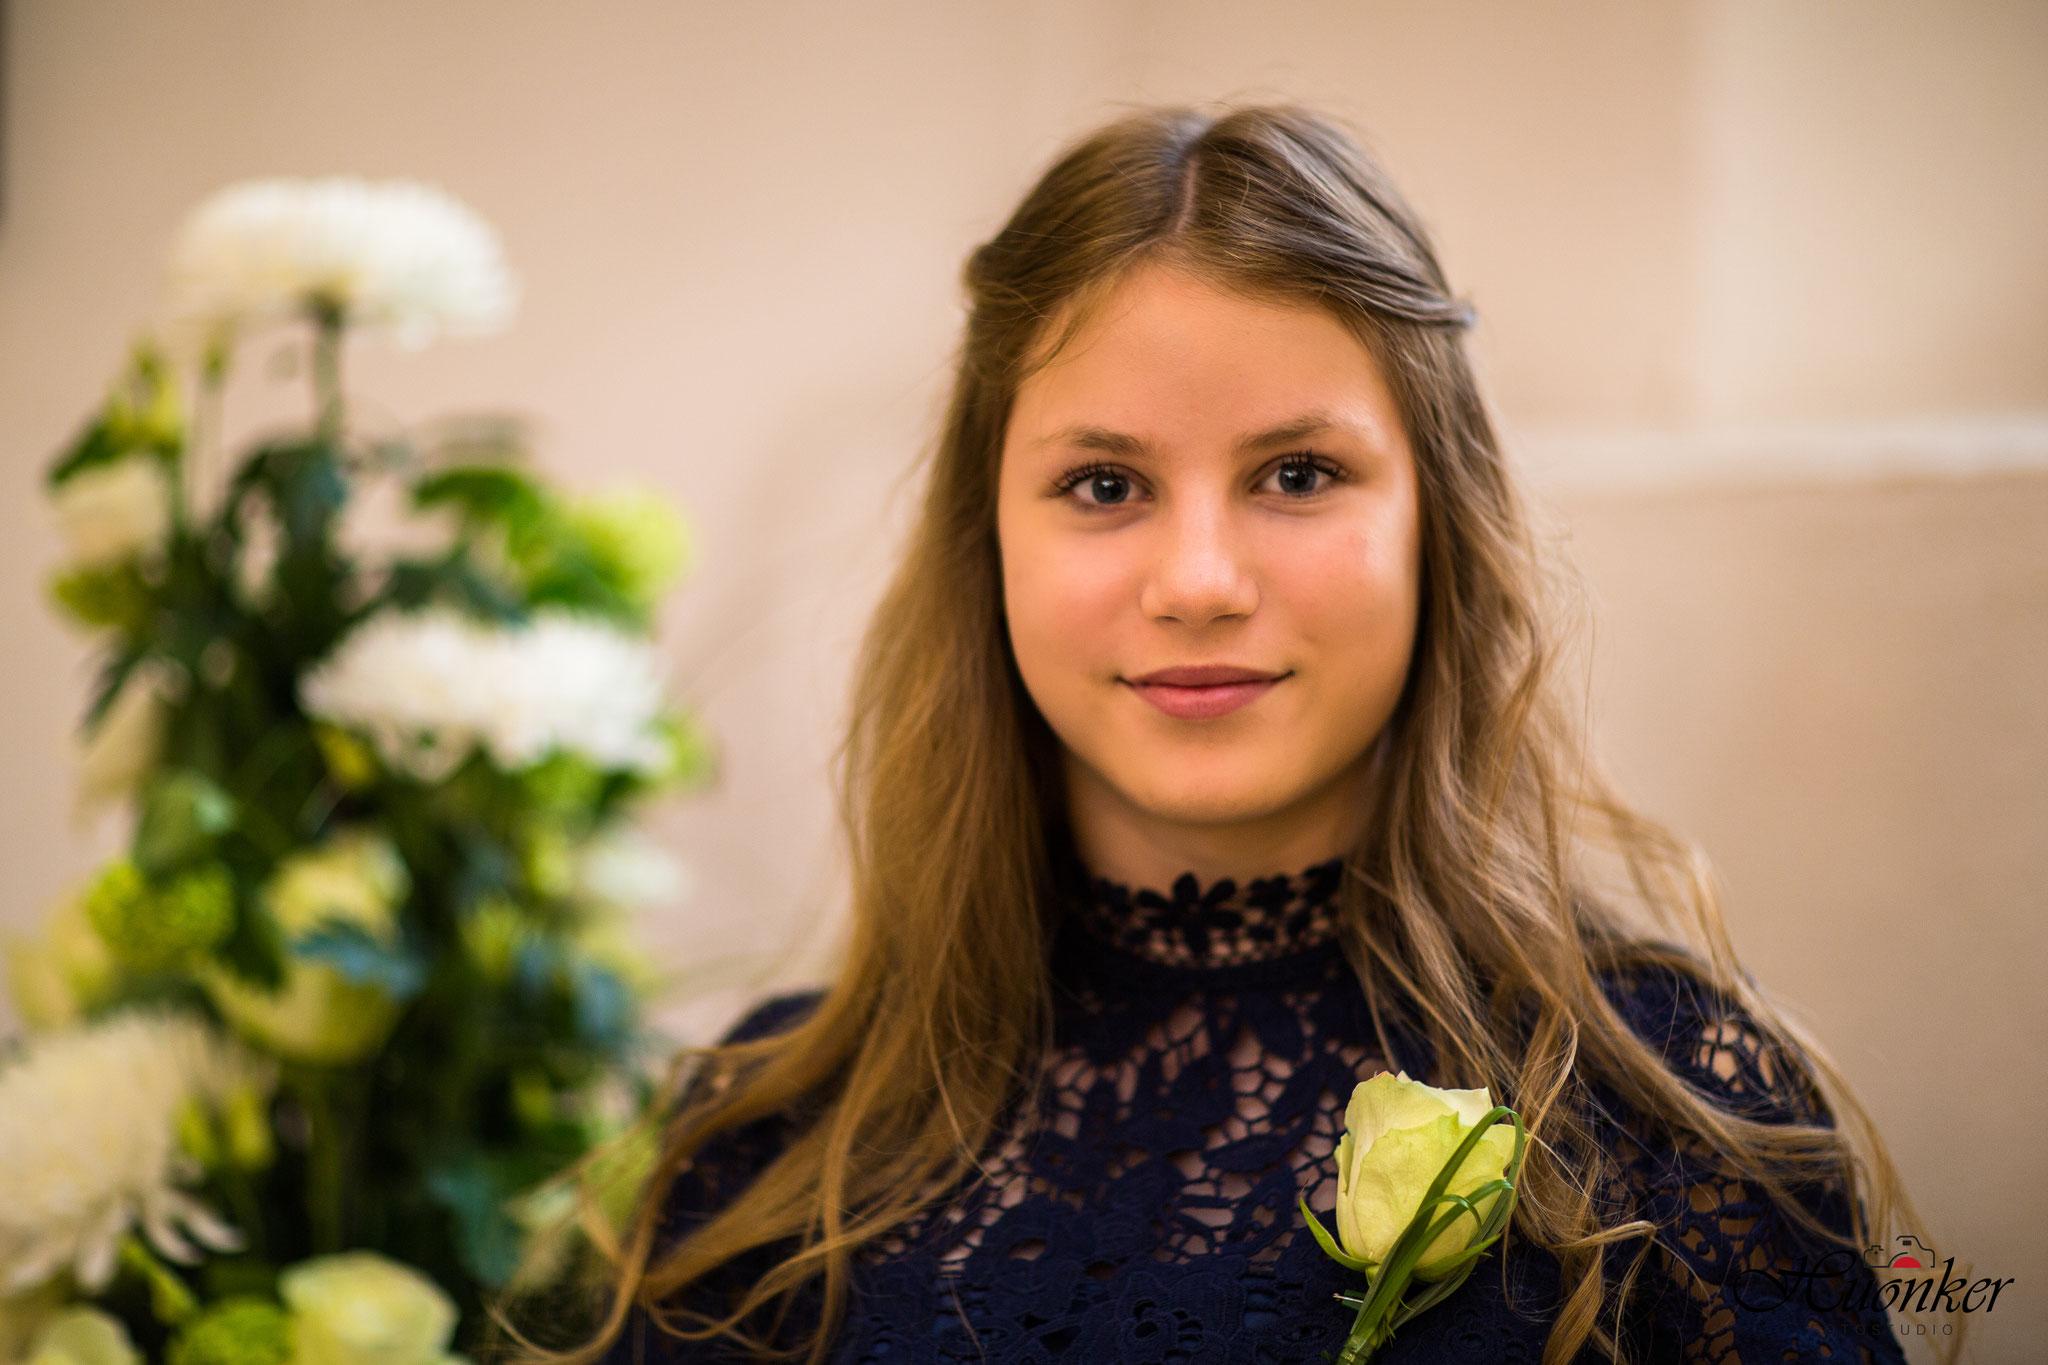 Lea Steinkopf